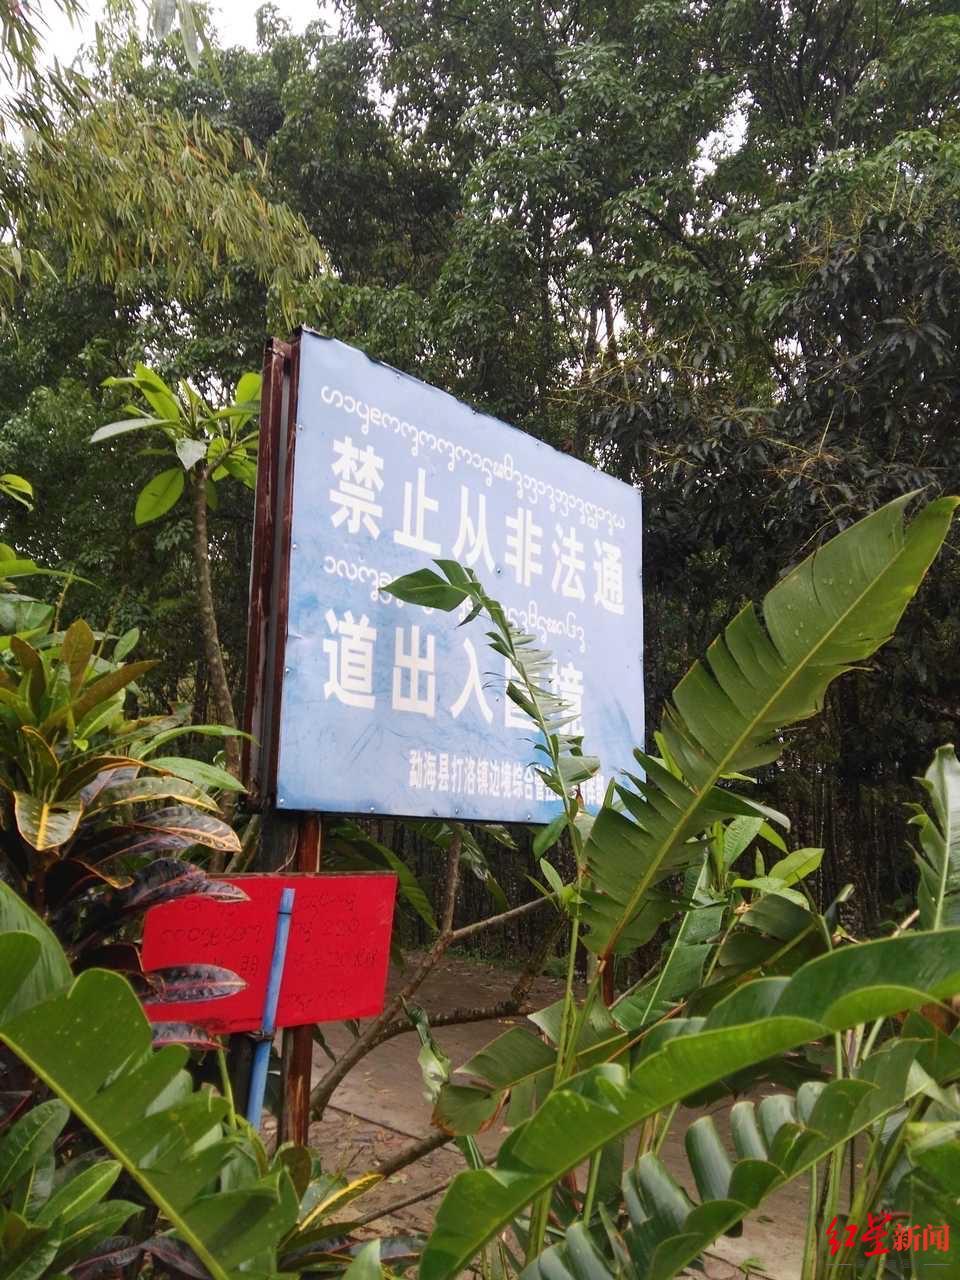 """云南瑞丽再度""""封城""""!当地村寨小路互通中缅,专家建议清明不要前往周边旅游"""